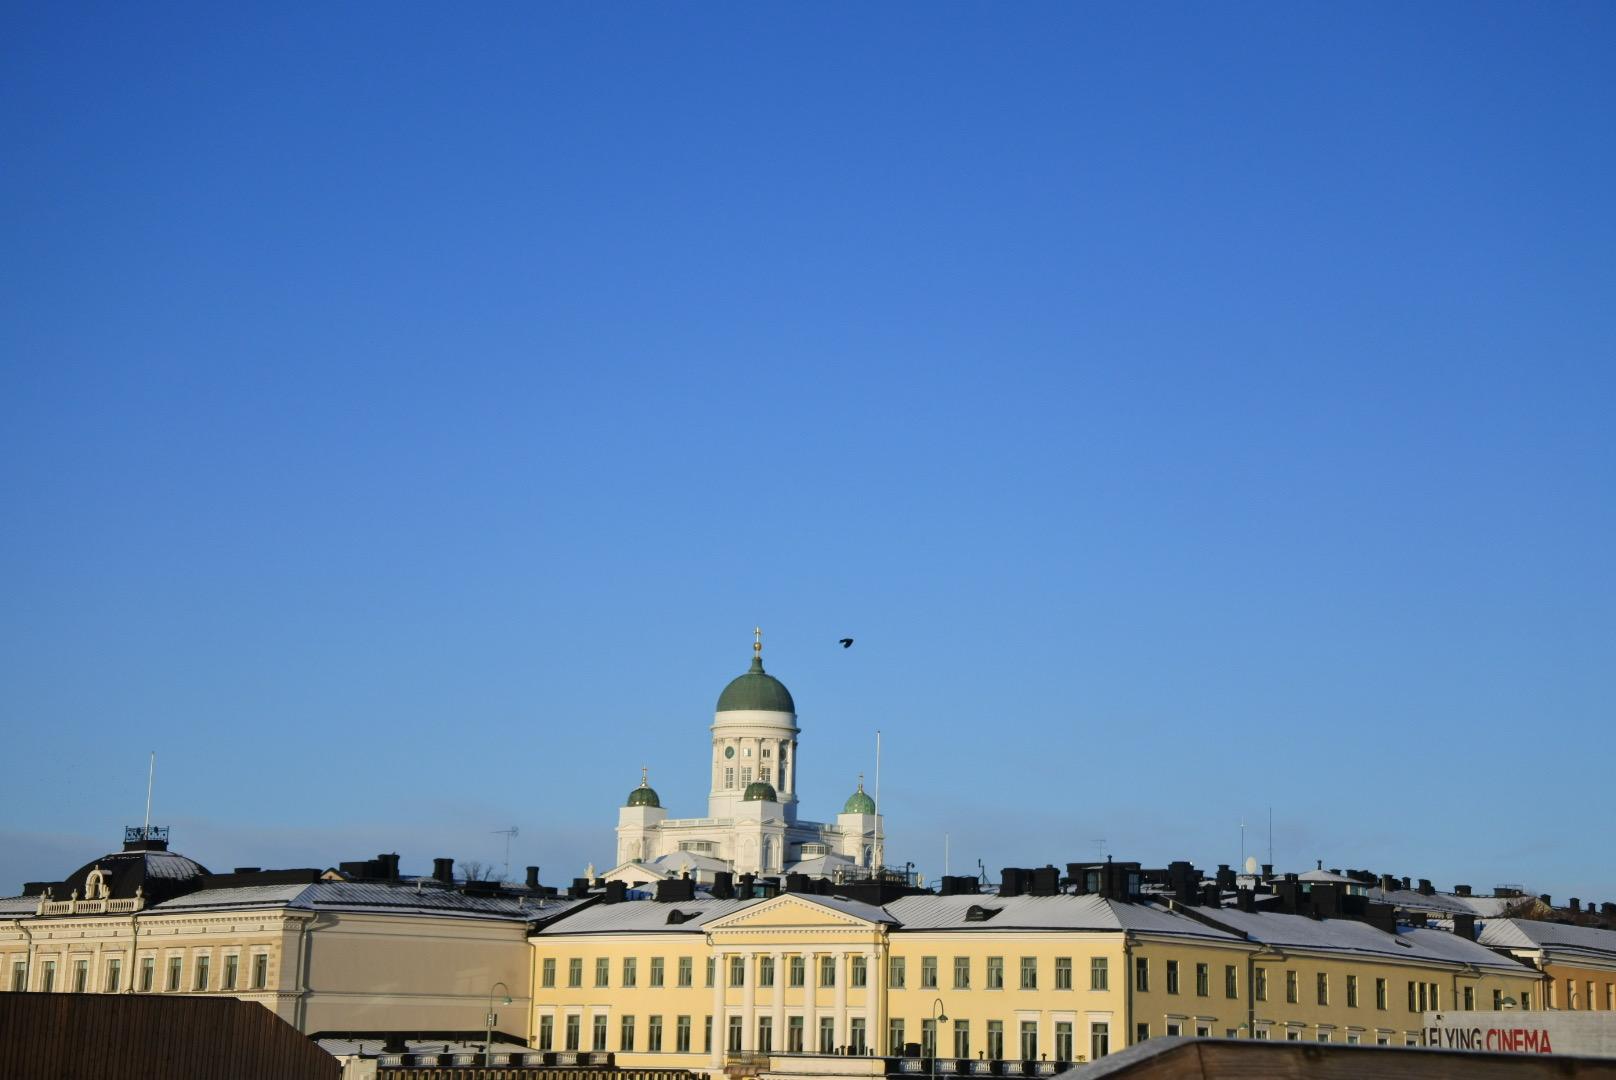 ヘルシンキ大聖堂が見える朝の絶景写真